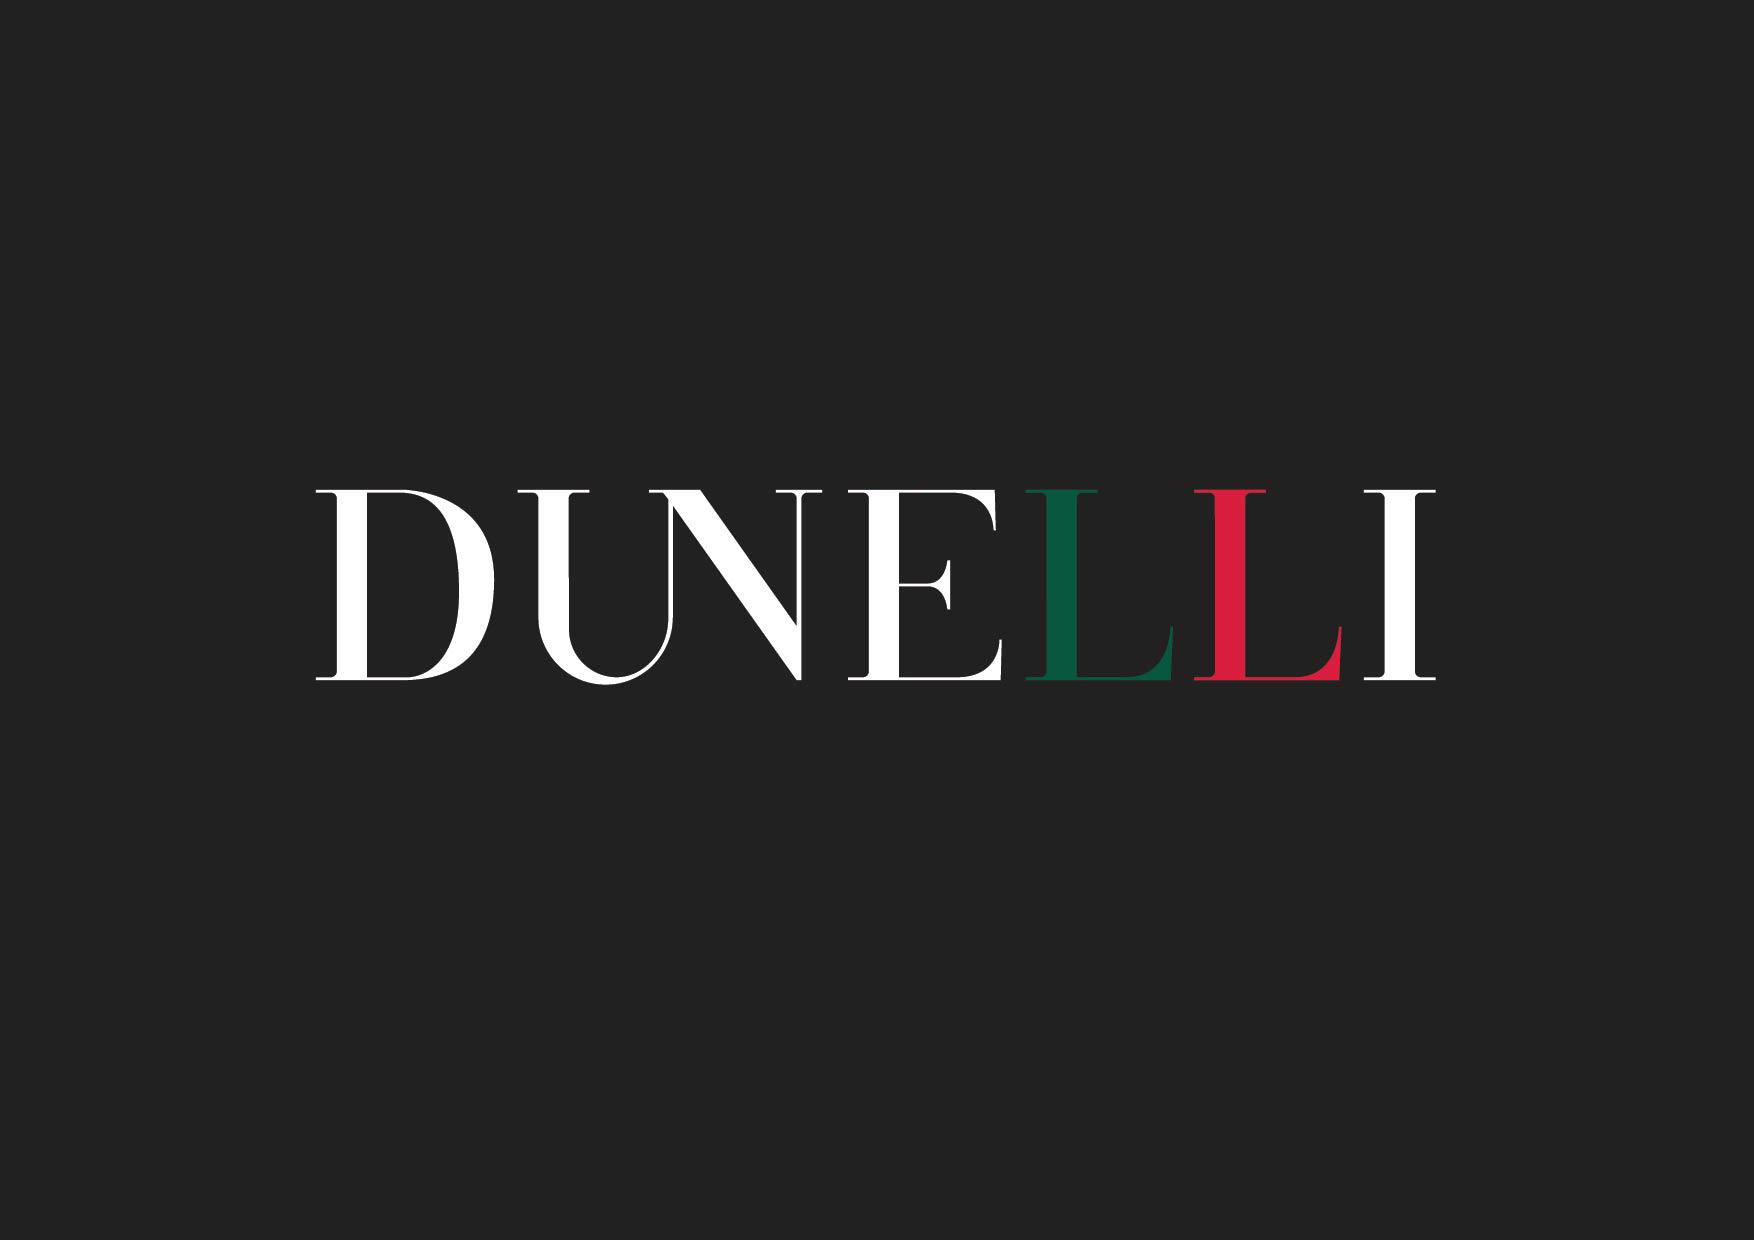 Dunelli